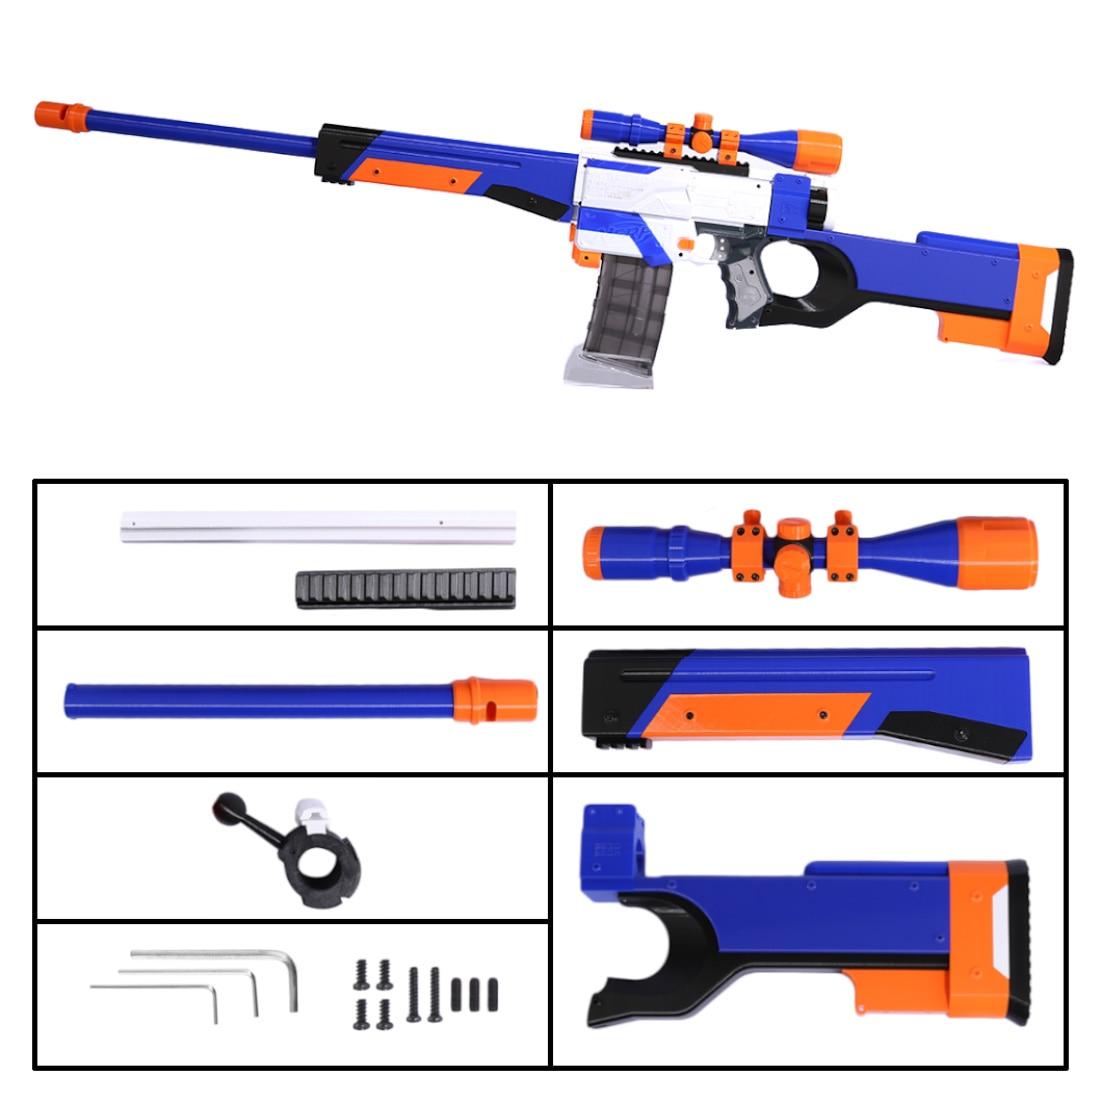 Тактический игрушечный пистолет 3D внешний вид печати модификации комплект для Нерфа Retaliator взрыватели аксессуары компонент-синий